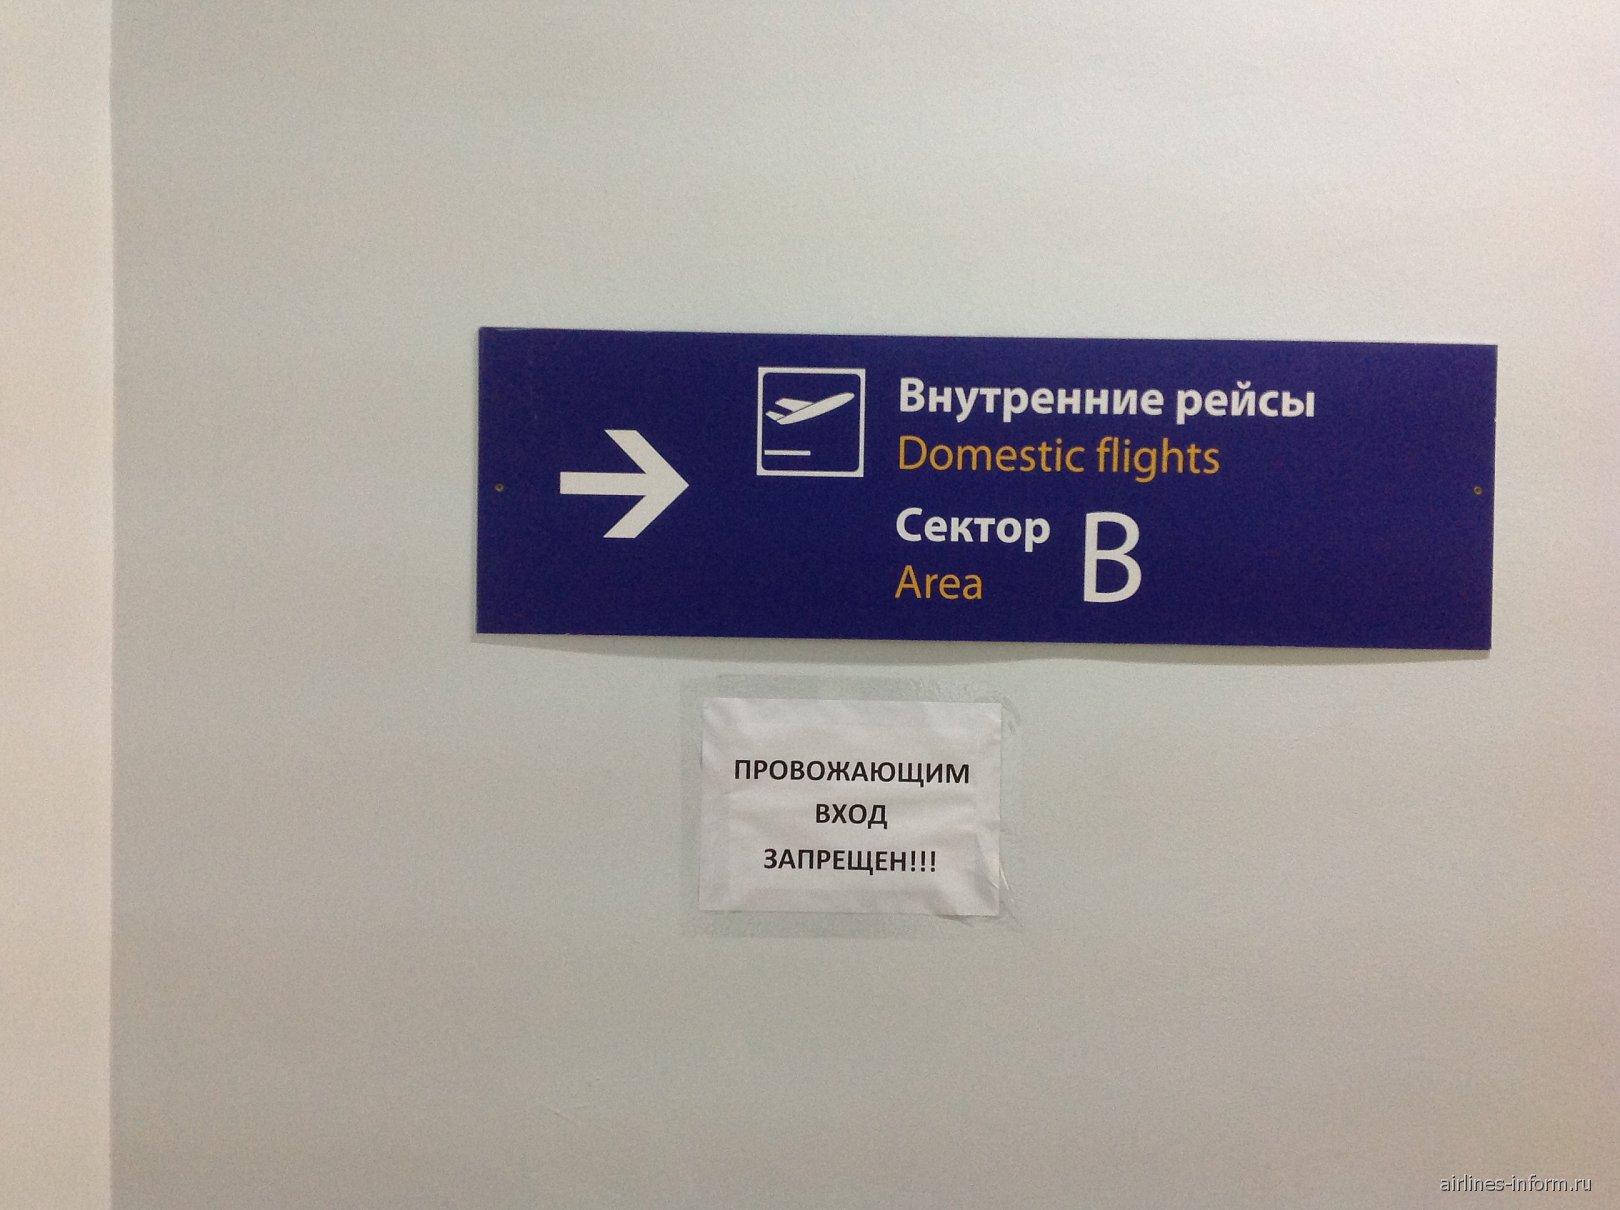 Аэропорт Храброво в Калининграде